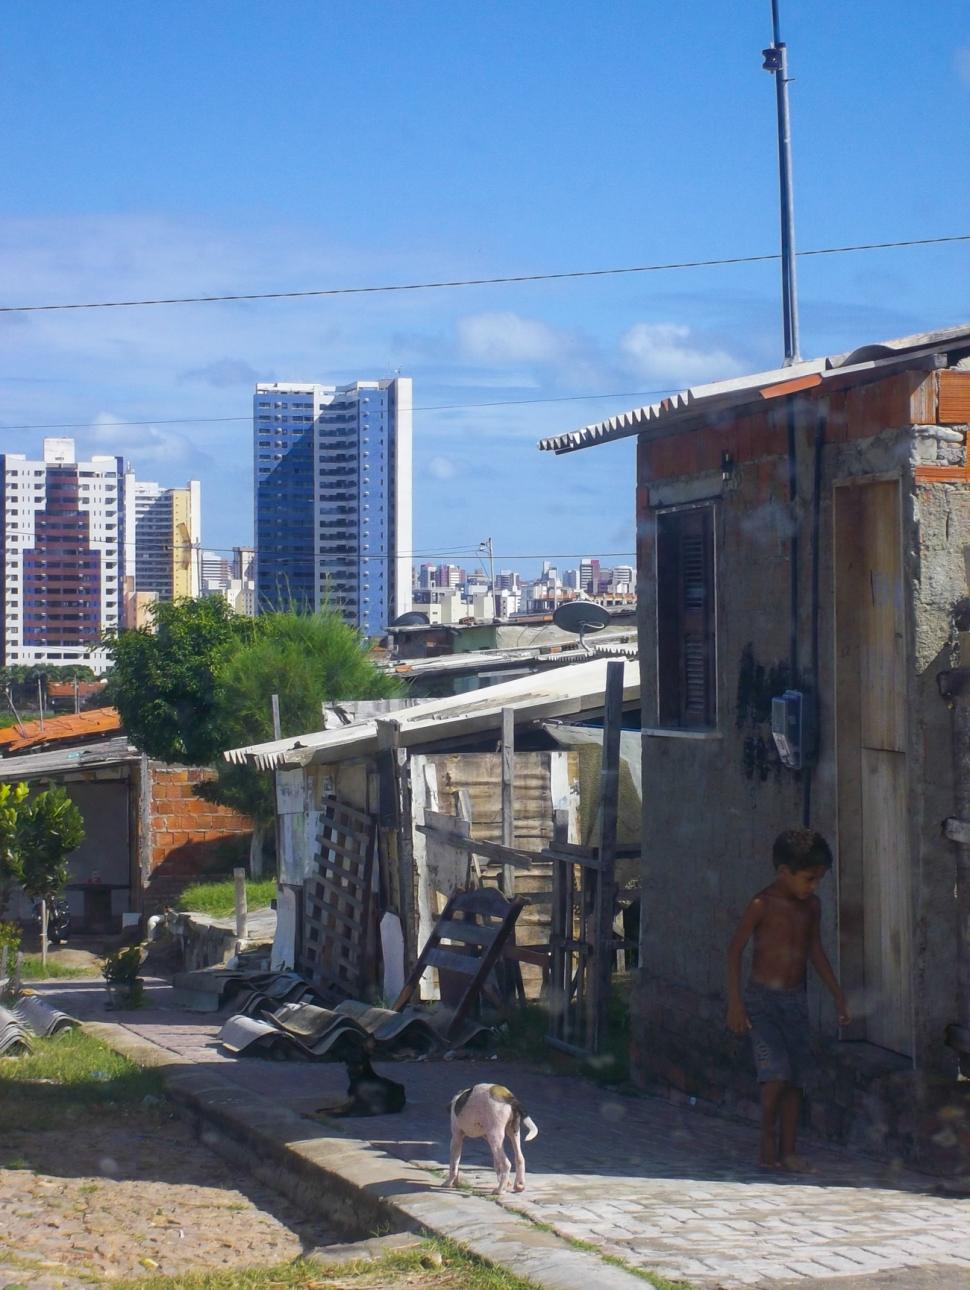 Fortaleza-Brazil-by-Polina-Paraskevopoulou-la-vie-en-blog-59